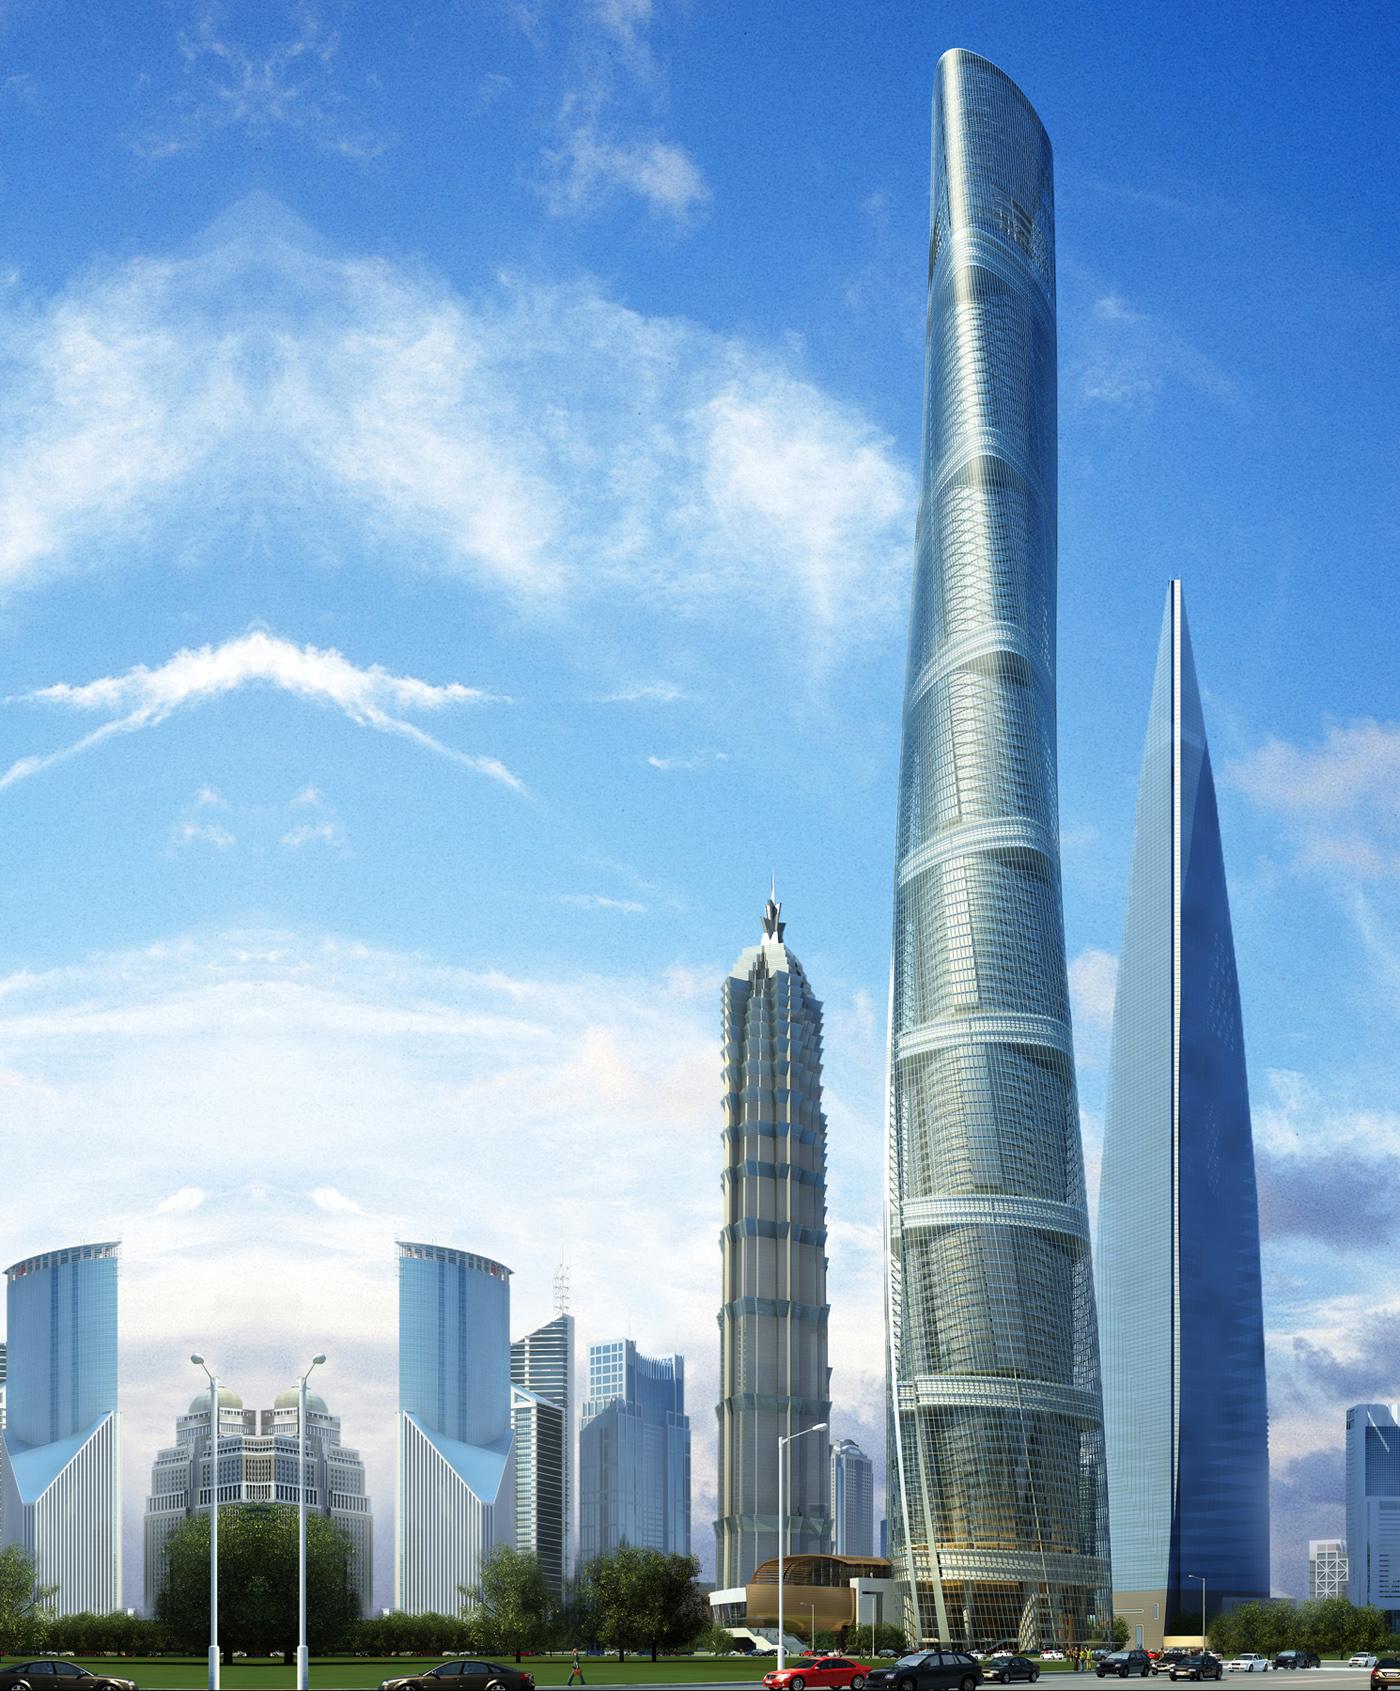 Trung Quốc sắp hoàn thành trung tâm tài chính cao thứ 2 thế giới